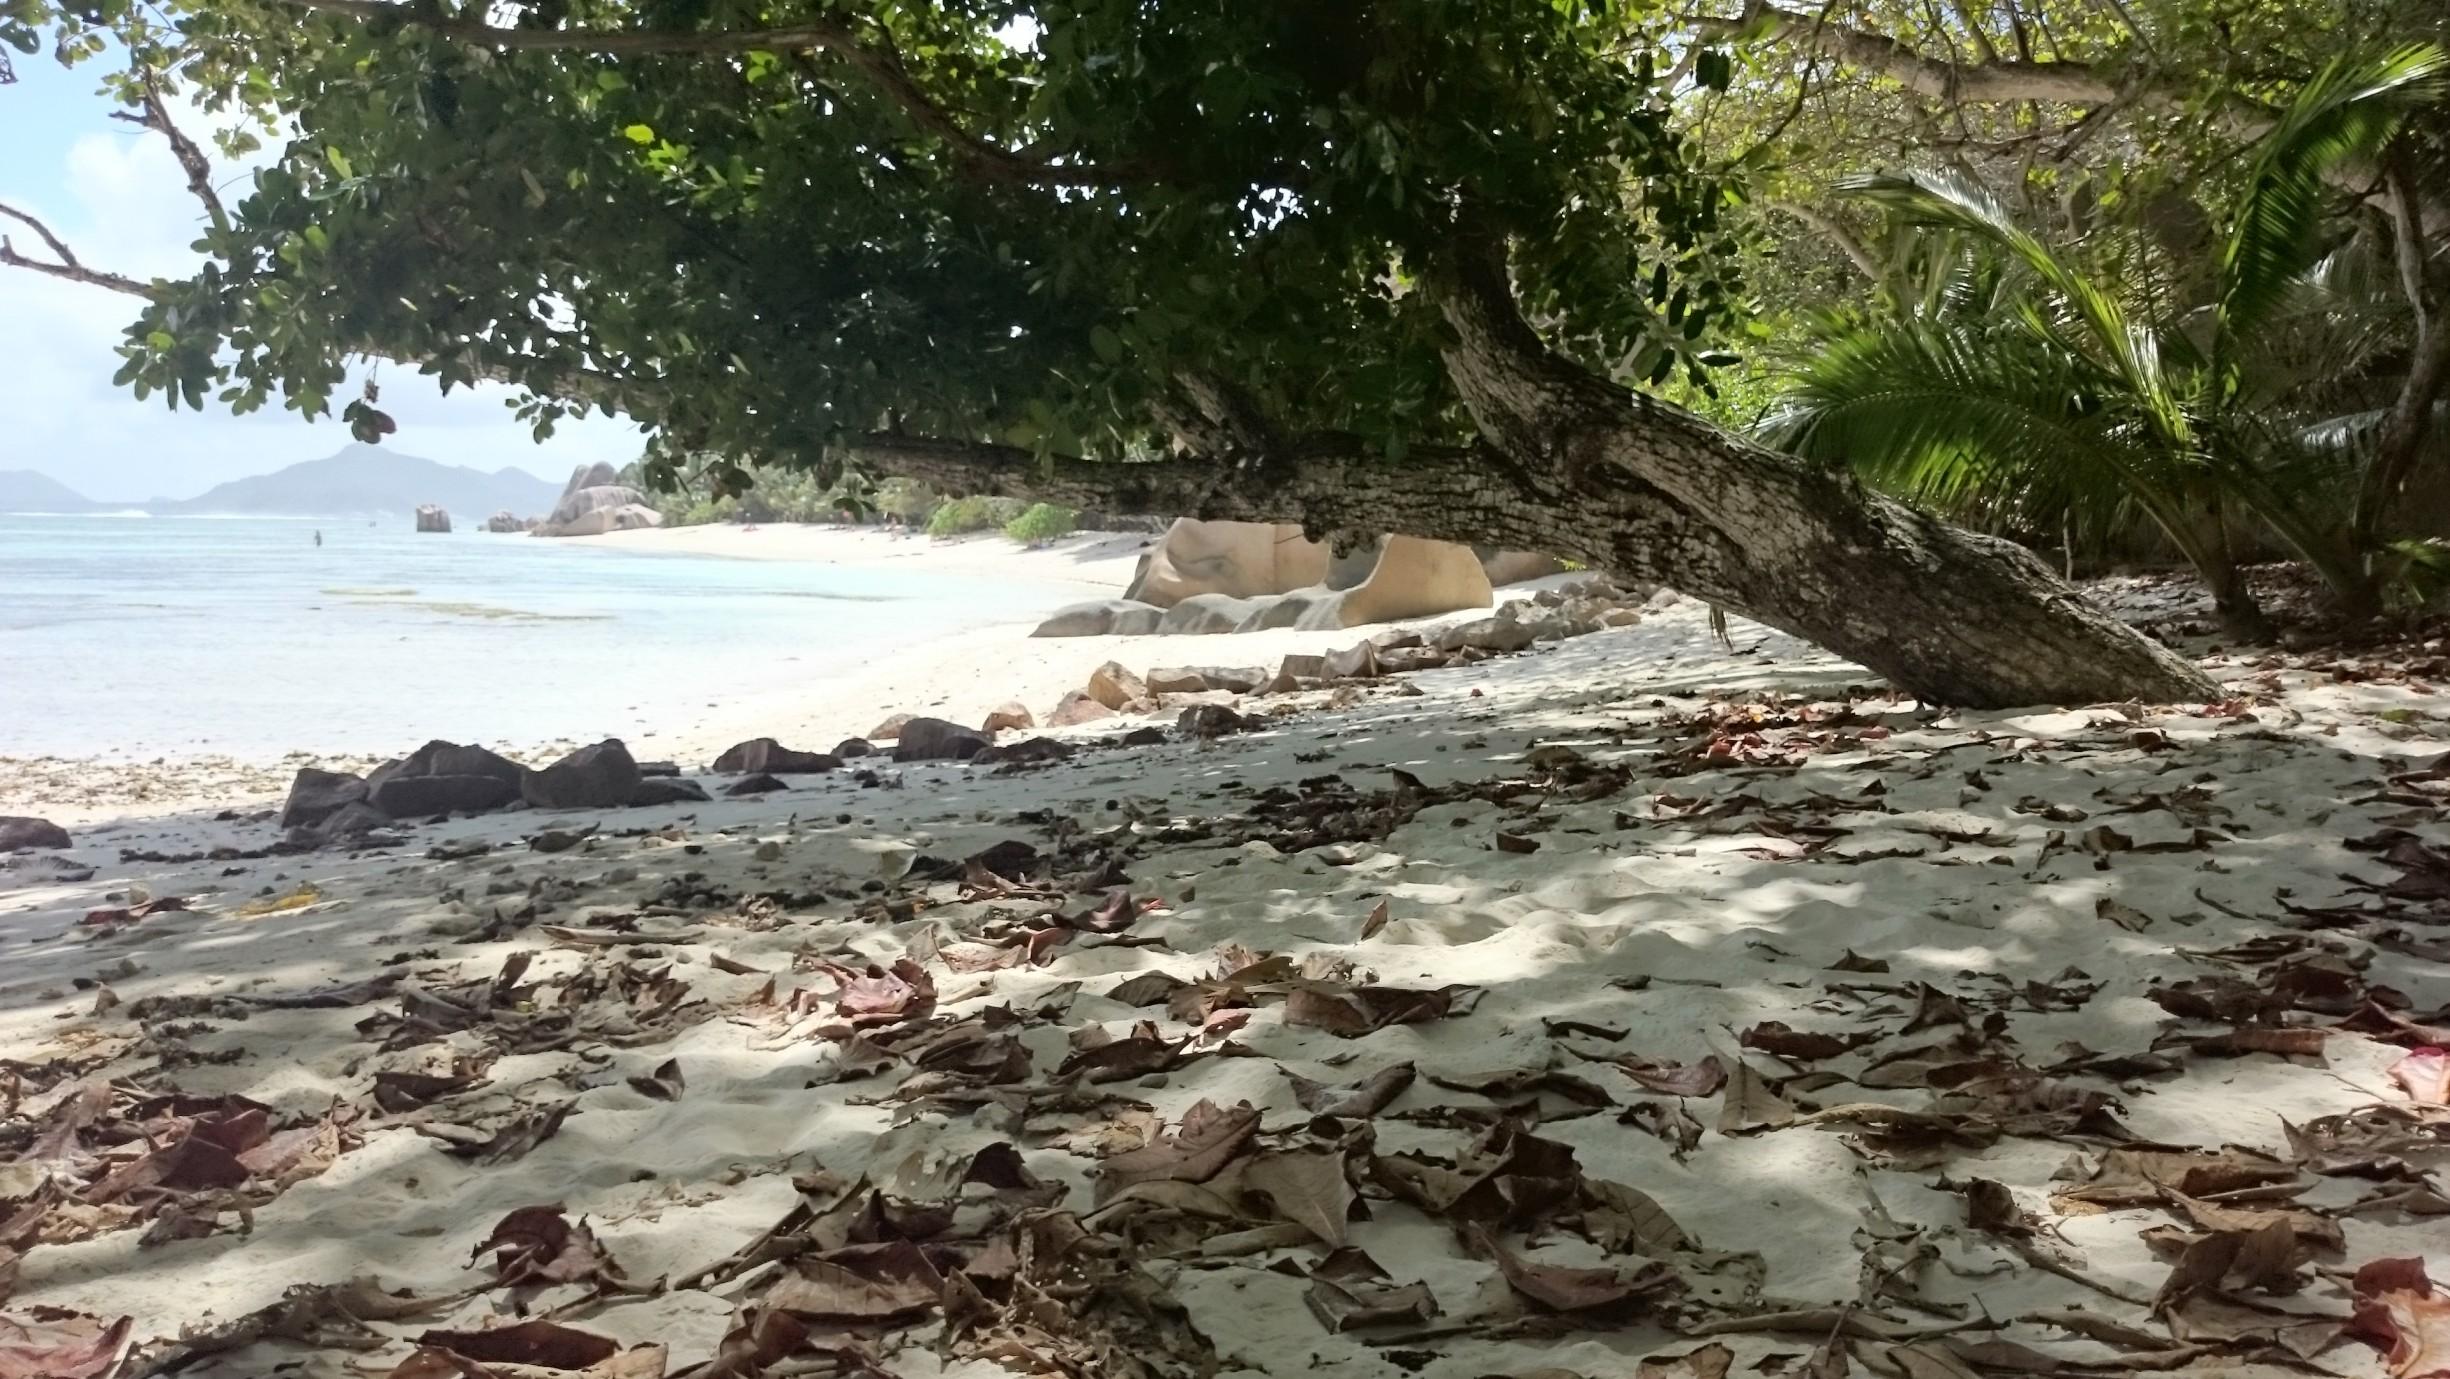 geburtstag im paradies seychellen reisebericht von klaus. Black Bedroom Furniture Sets. Home Design Ideas